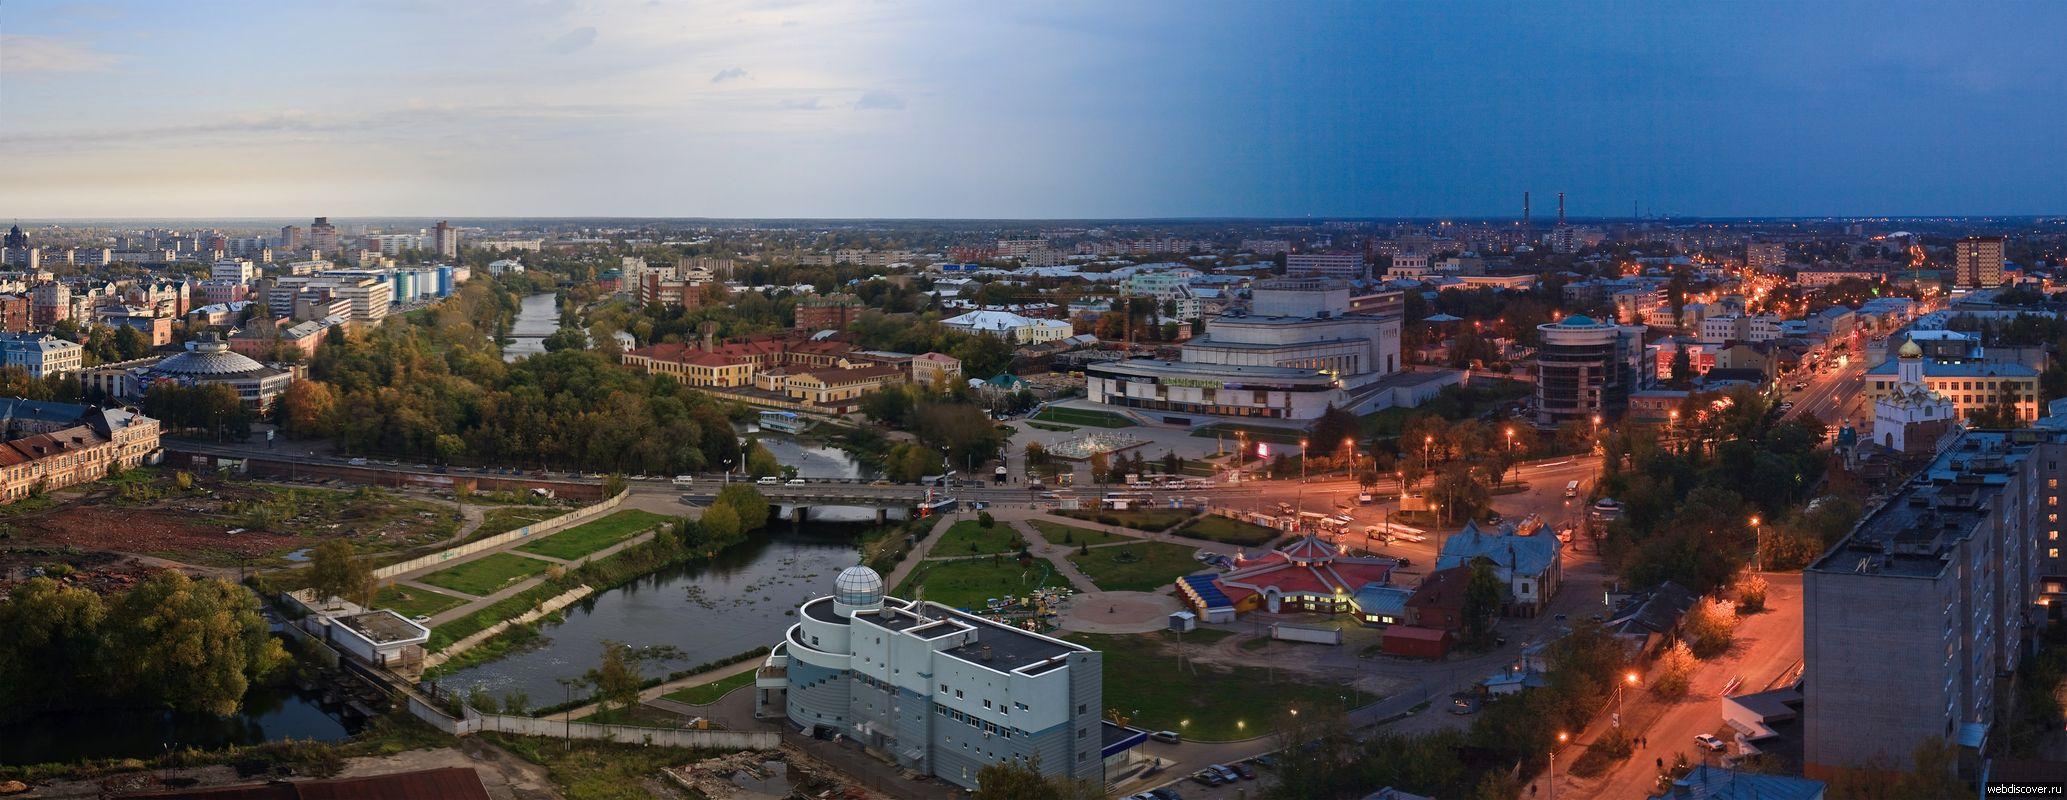 20130603114336 Американские ученые прогнозируют вымирание российского города Иваново к 2100 году